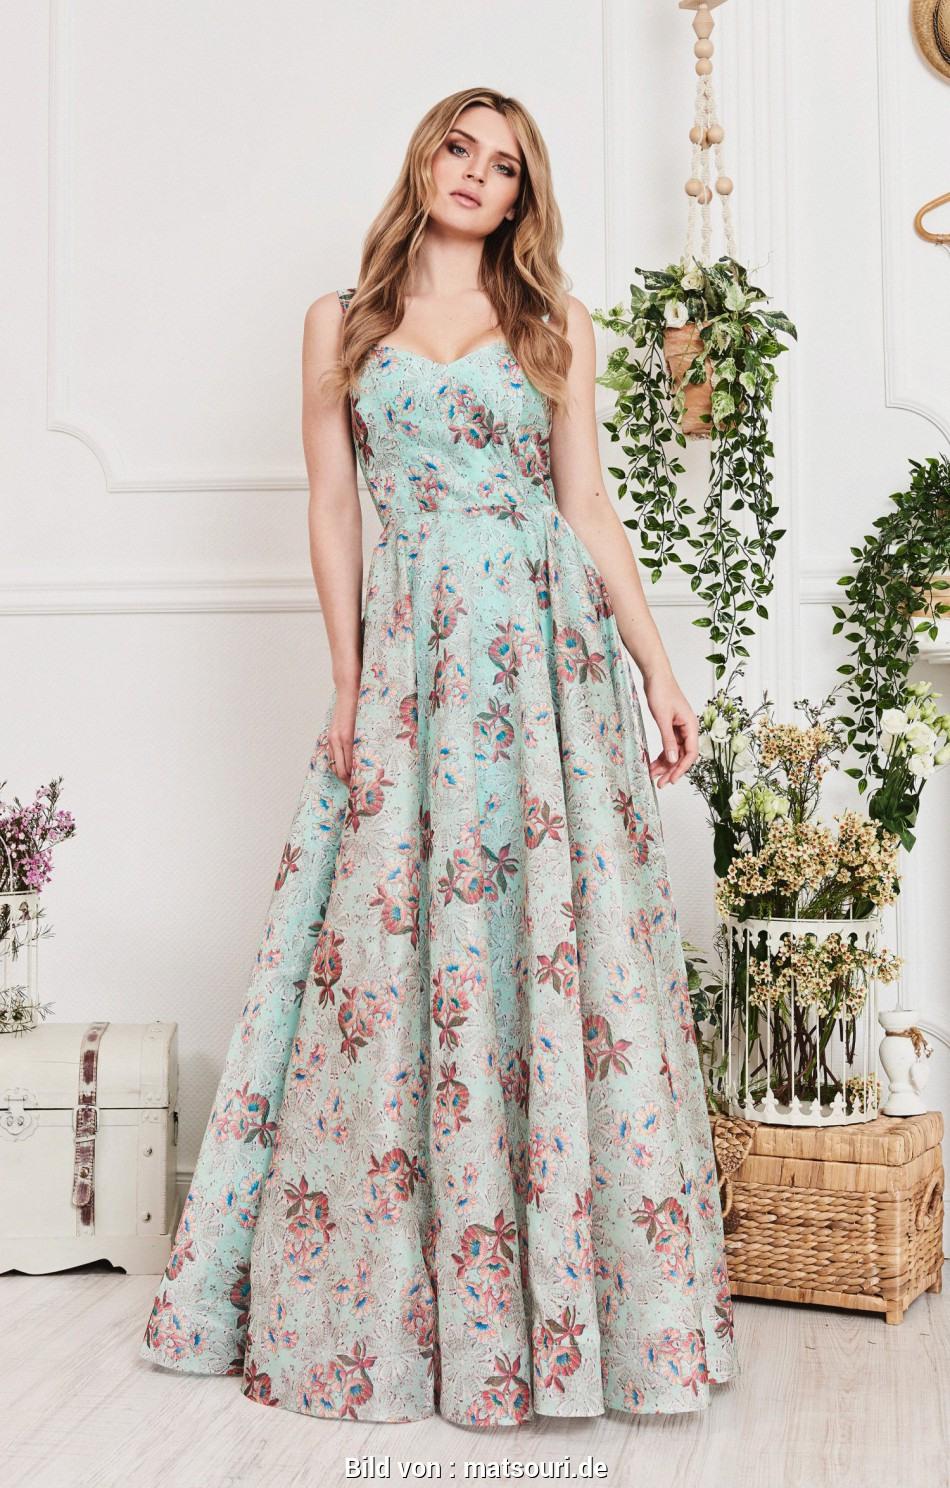 17 Einzigartig Abend Kleider Shop für 2019Designer Spektakulär Abend Kleider Shop Vertrieb